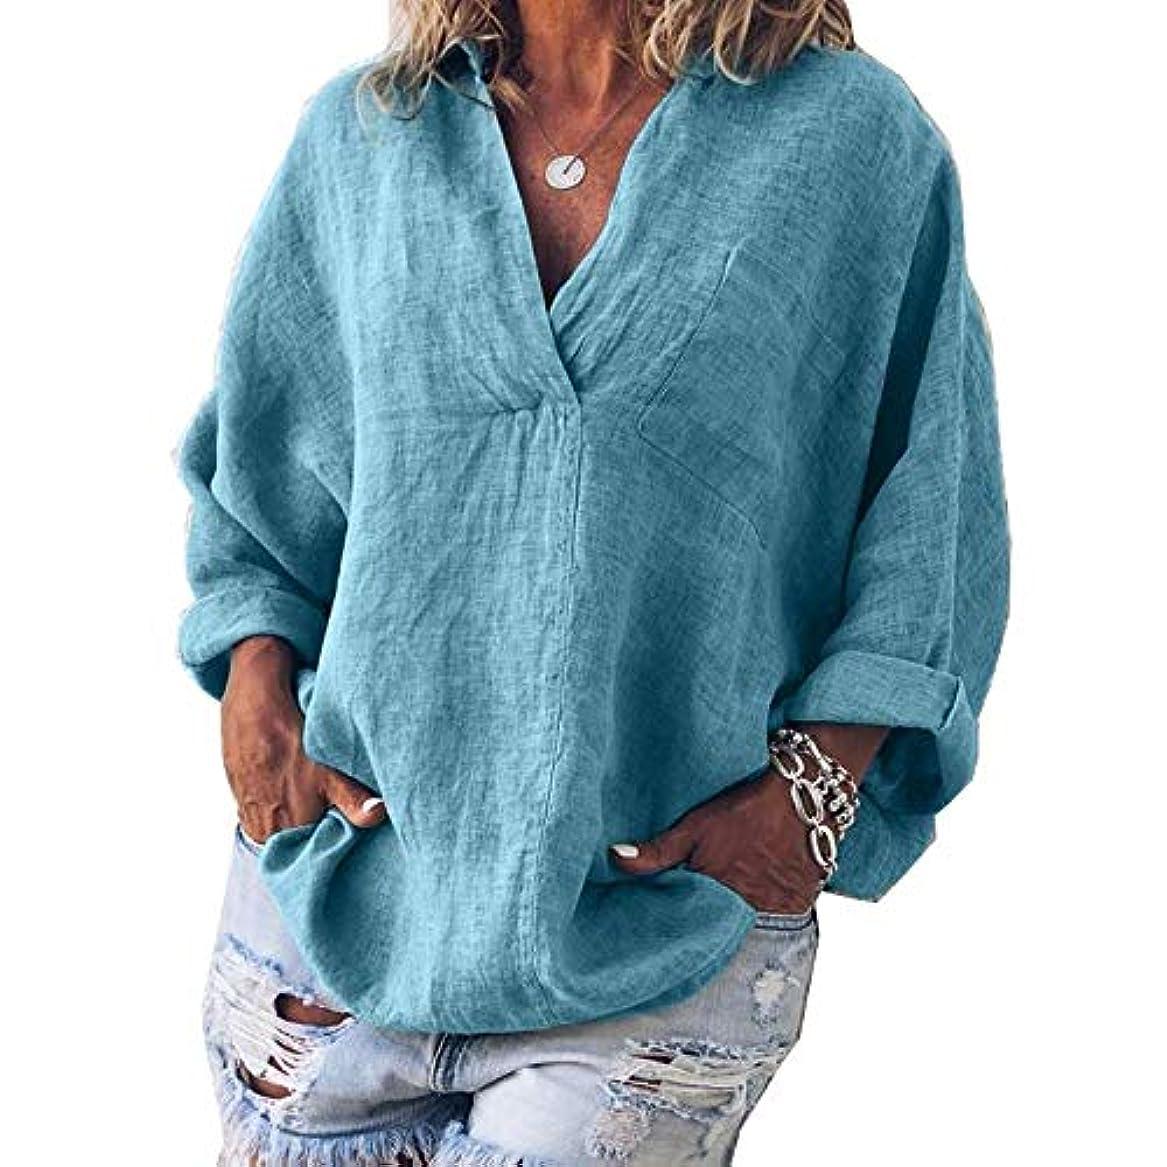 砲撃縞模様の矛盾するMIFAN女性ファッション春夏チュニックトップス深いVネックTシャツ長袖プルオーバールーズリネンブラウス